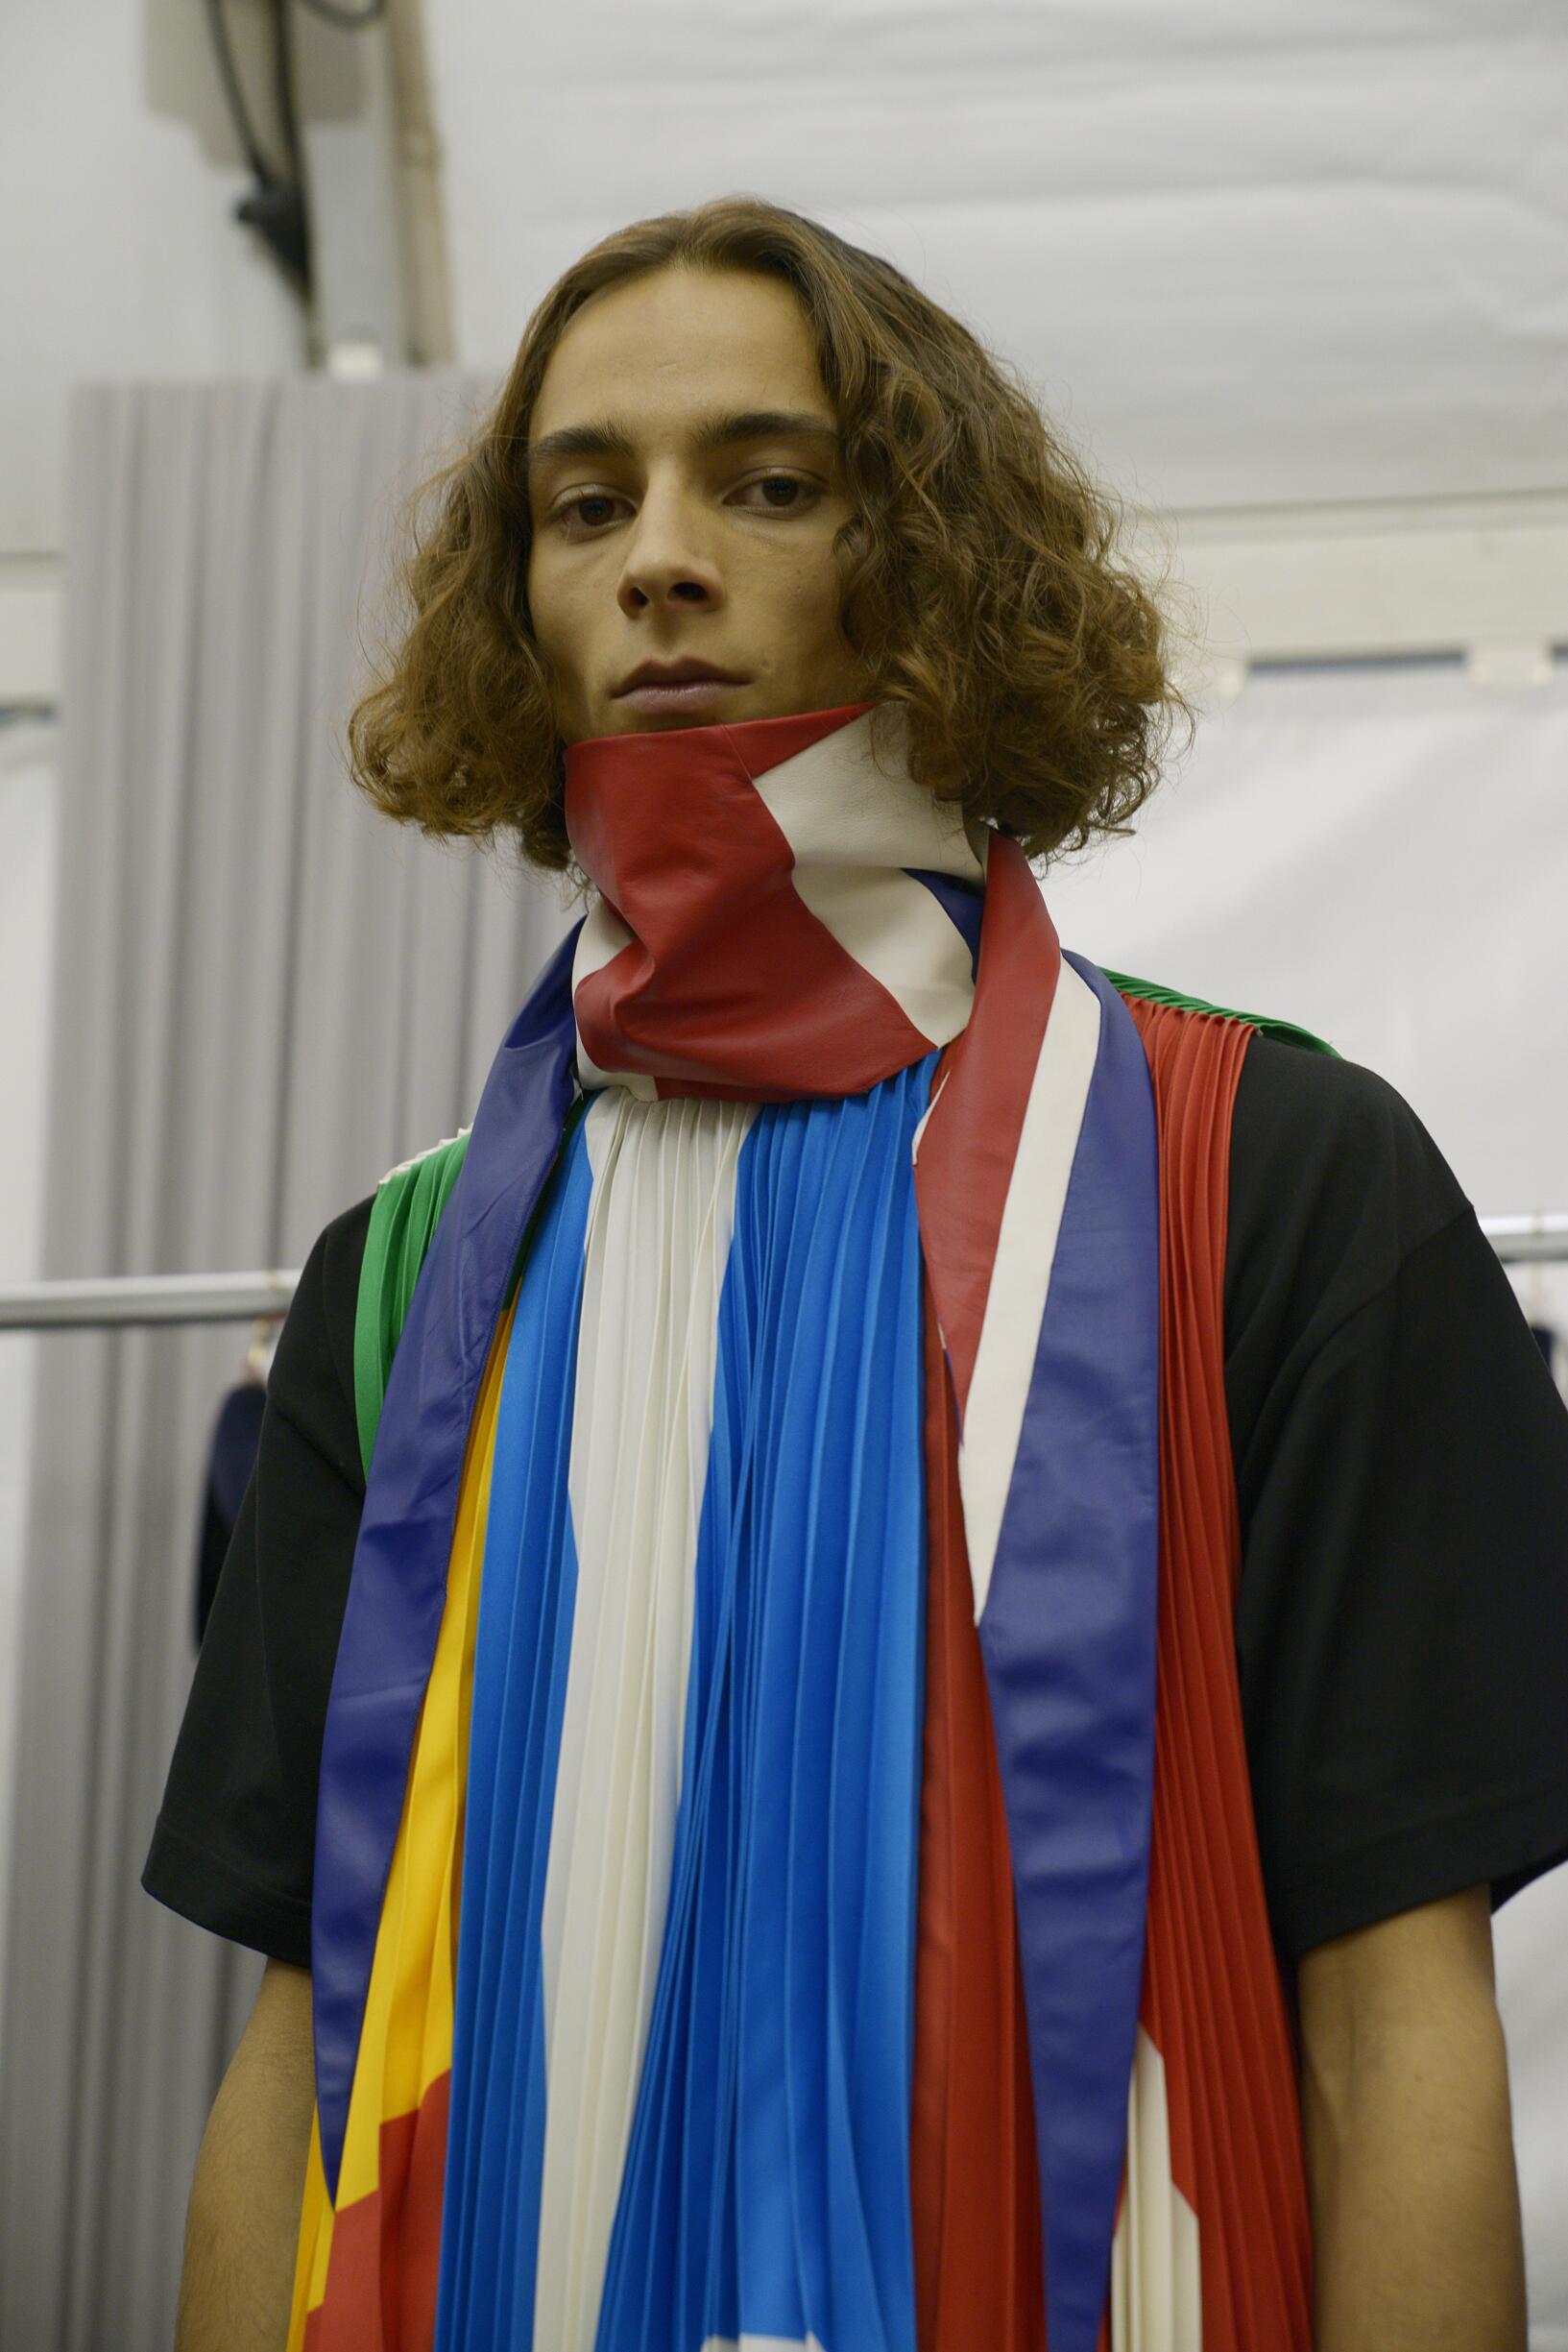 Backstage Louis Vuitton Trends